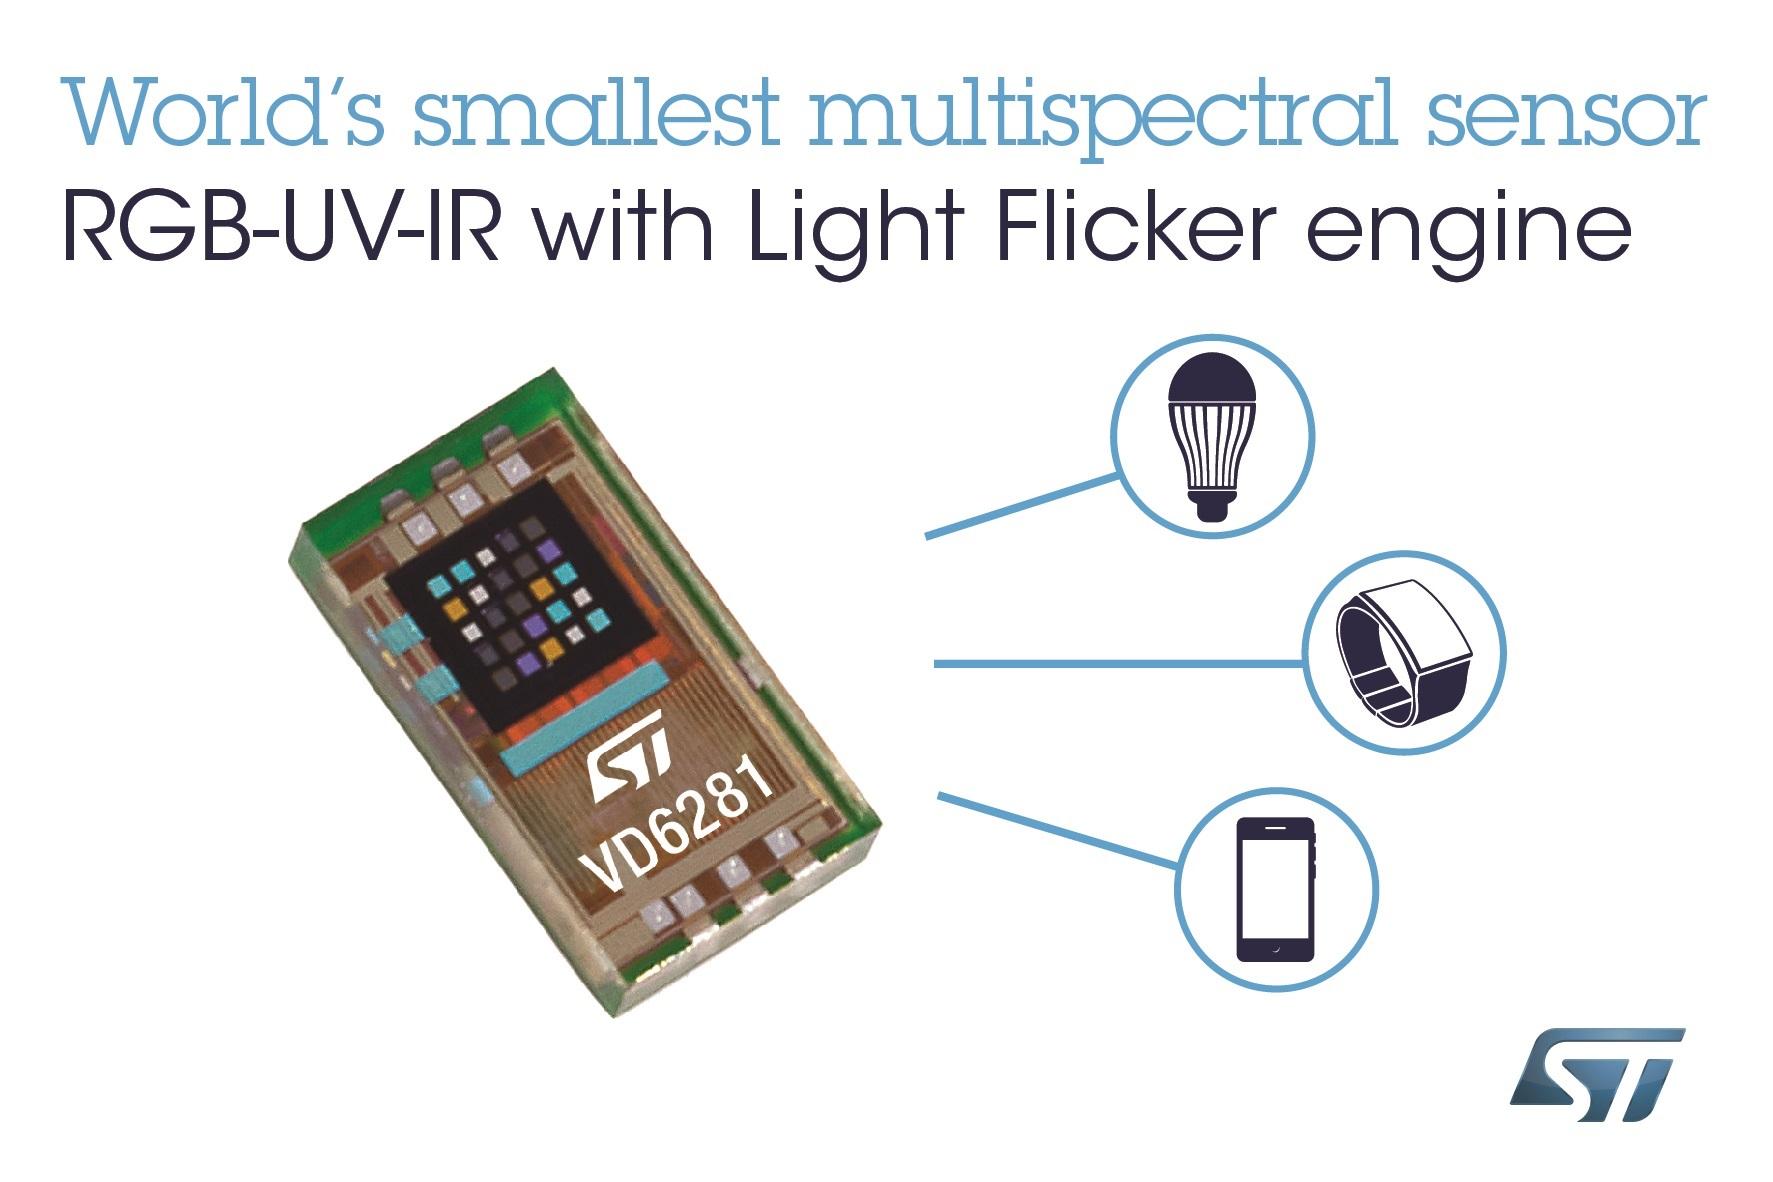 意法半导体发布带闪烁检测功能的新型全色环境光传感器, 可提升智能手机和物联网设备的拍照性能